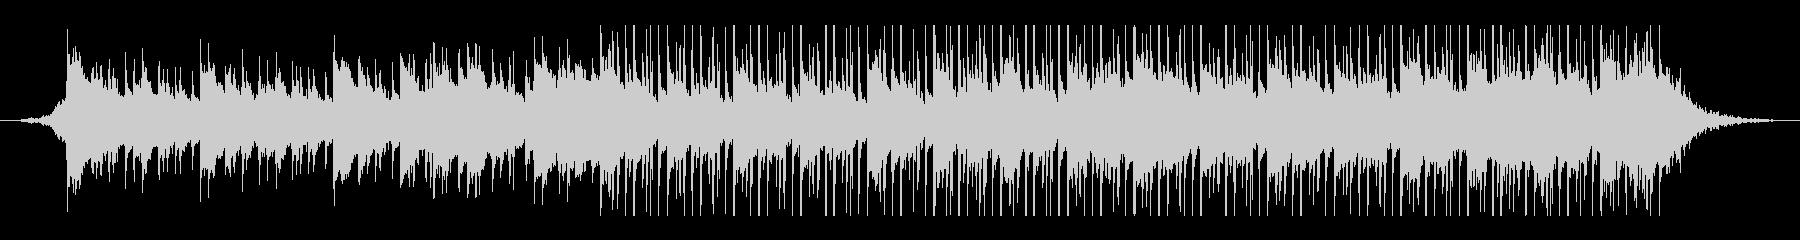 アラビア音楽(60秒)の未再生の波形